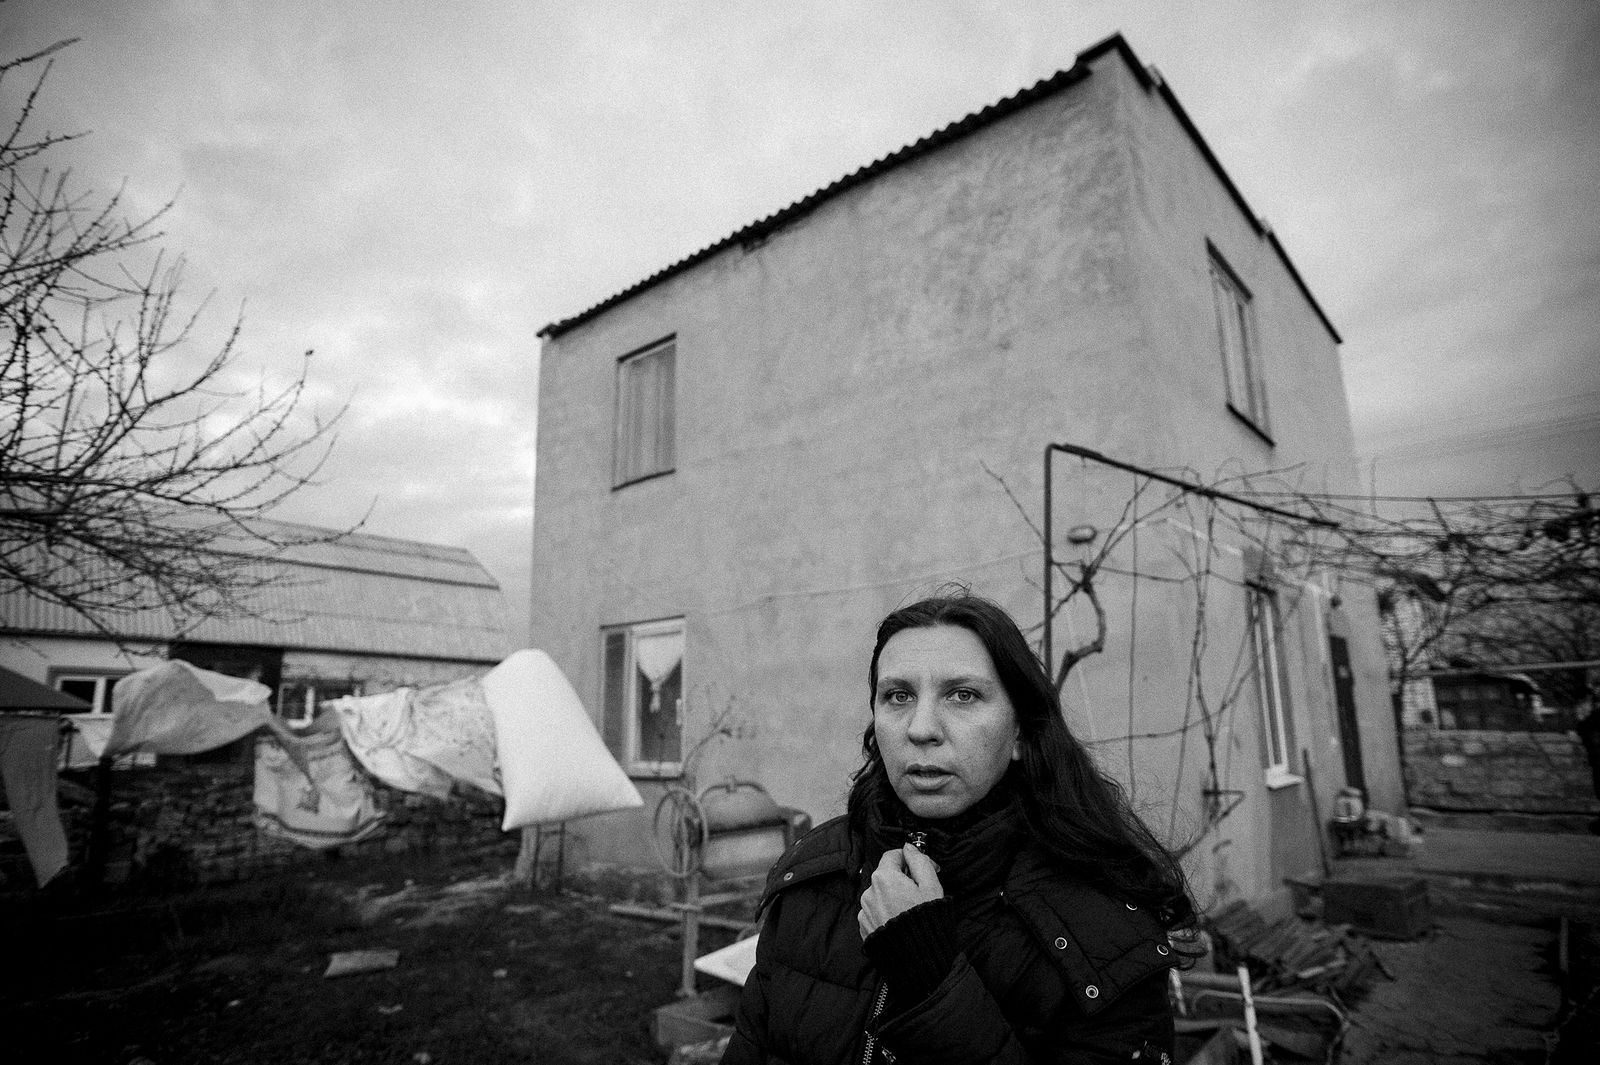 Arik Shraga. Ukraine. Olga in her backyard